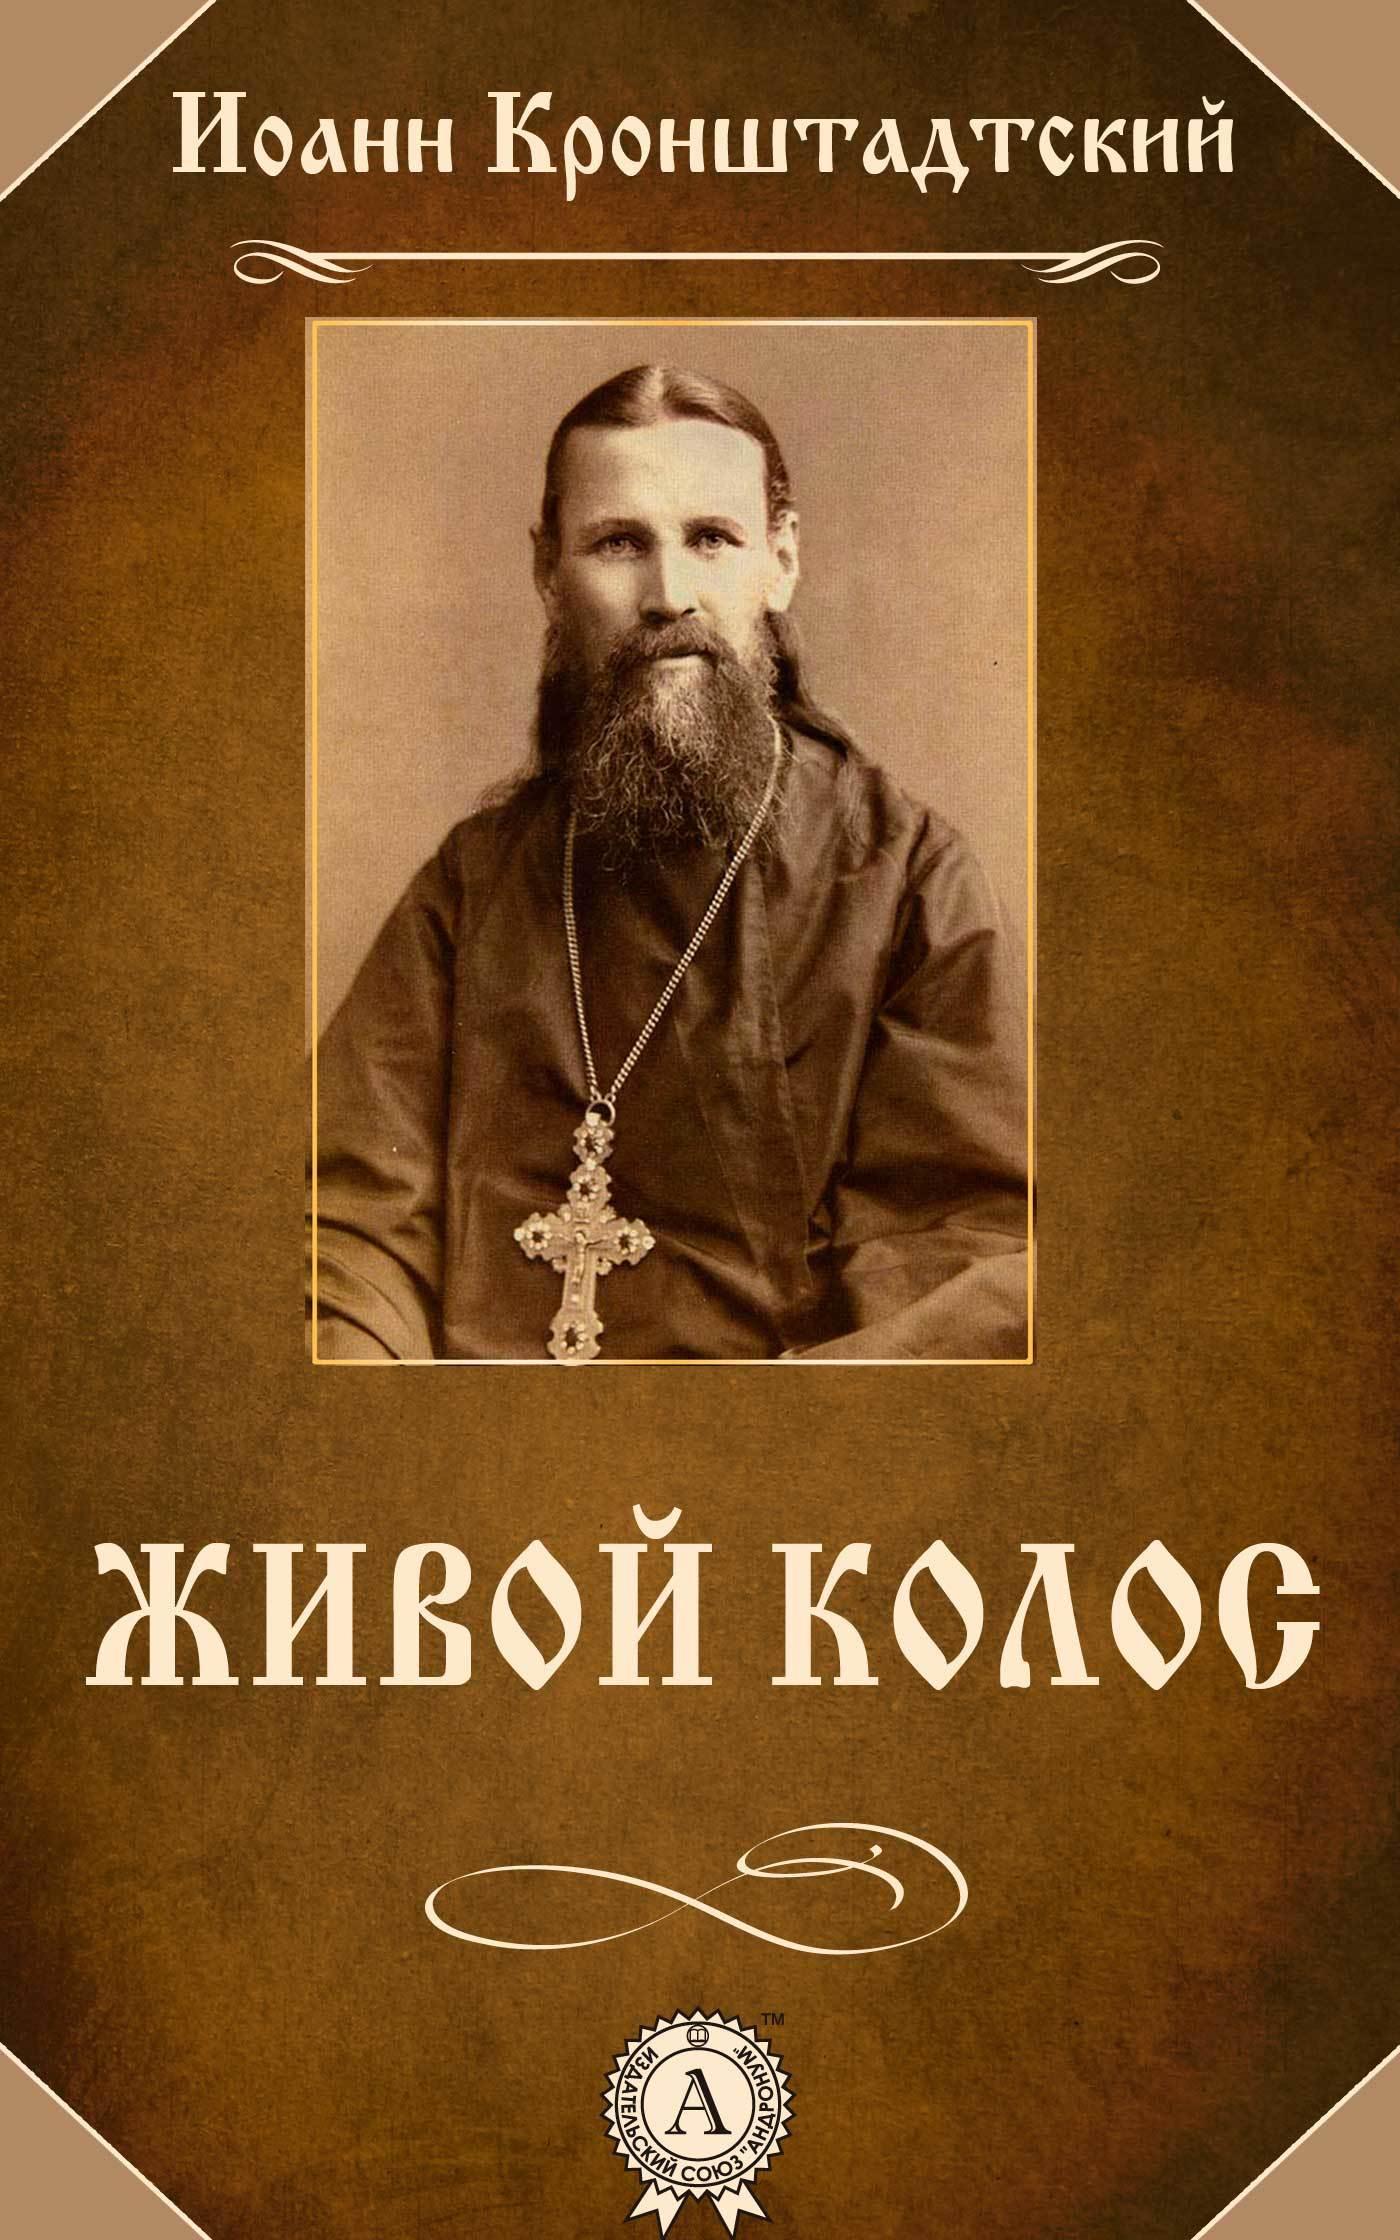 Иоанн Праведный Кронштадтский Живой колос святой праведный иоанн кронштадтский